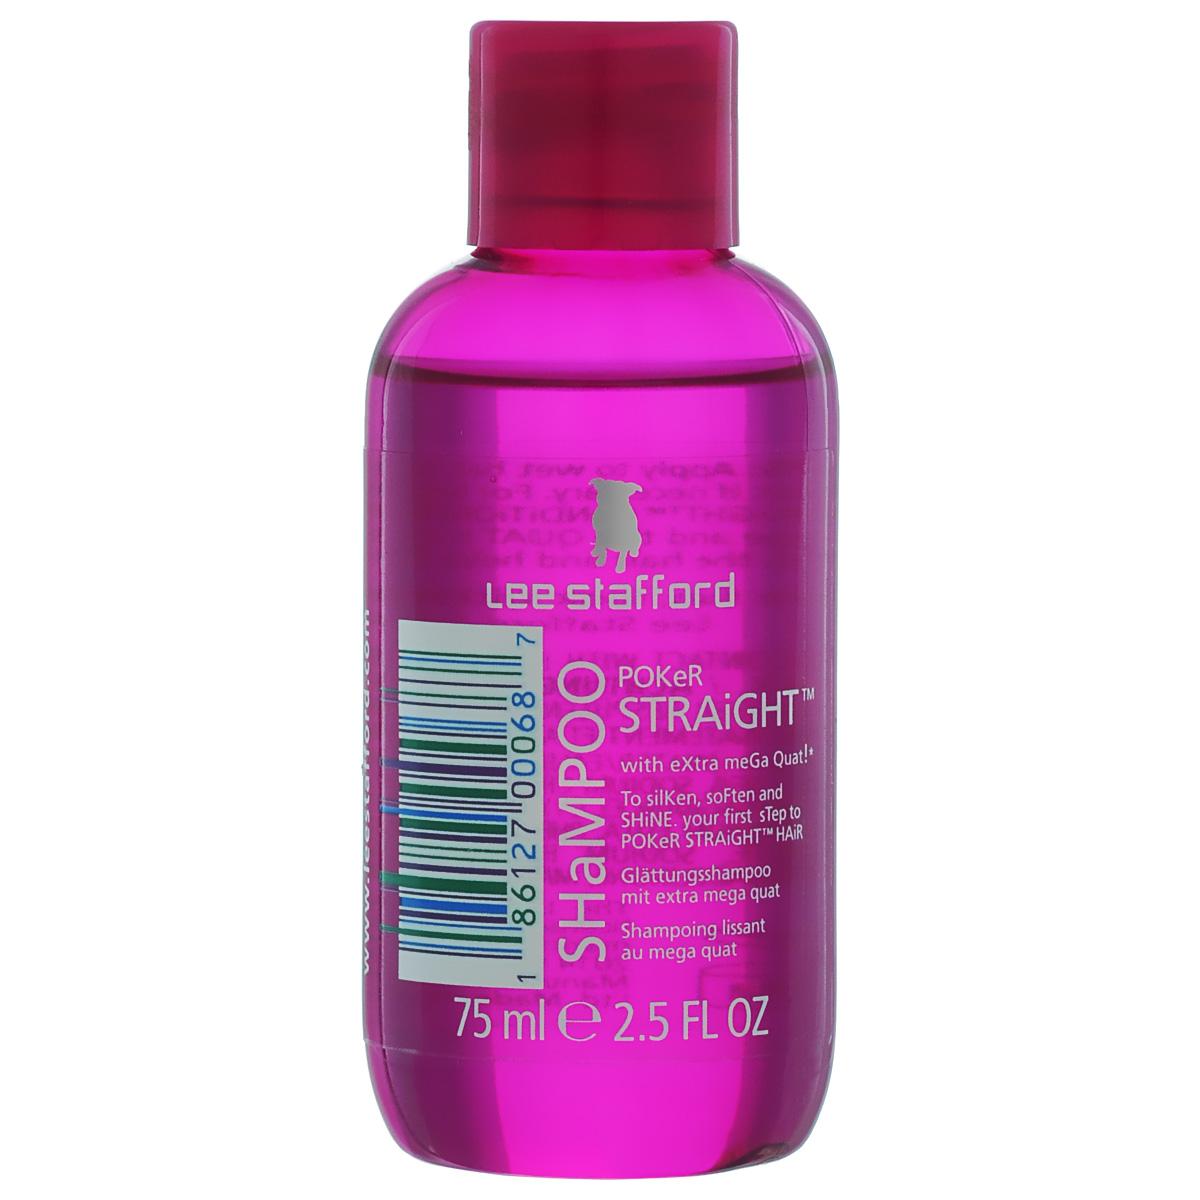 Lee Stafford Шампунь для выпрямления волос Poker Straight Mini, 75 мл608089Шампунь для выпрямления волос Poker Straight Shampoo, 75 мл. Содержит уникальный компонент Quat, который, попадая на волосы, смягчает и выпрямляет их. Придает ощущение шелковистости и облегчает расчесывание.